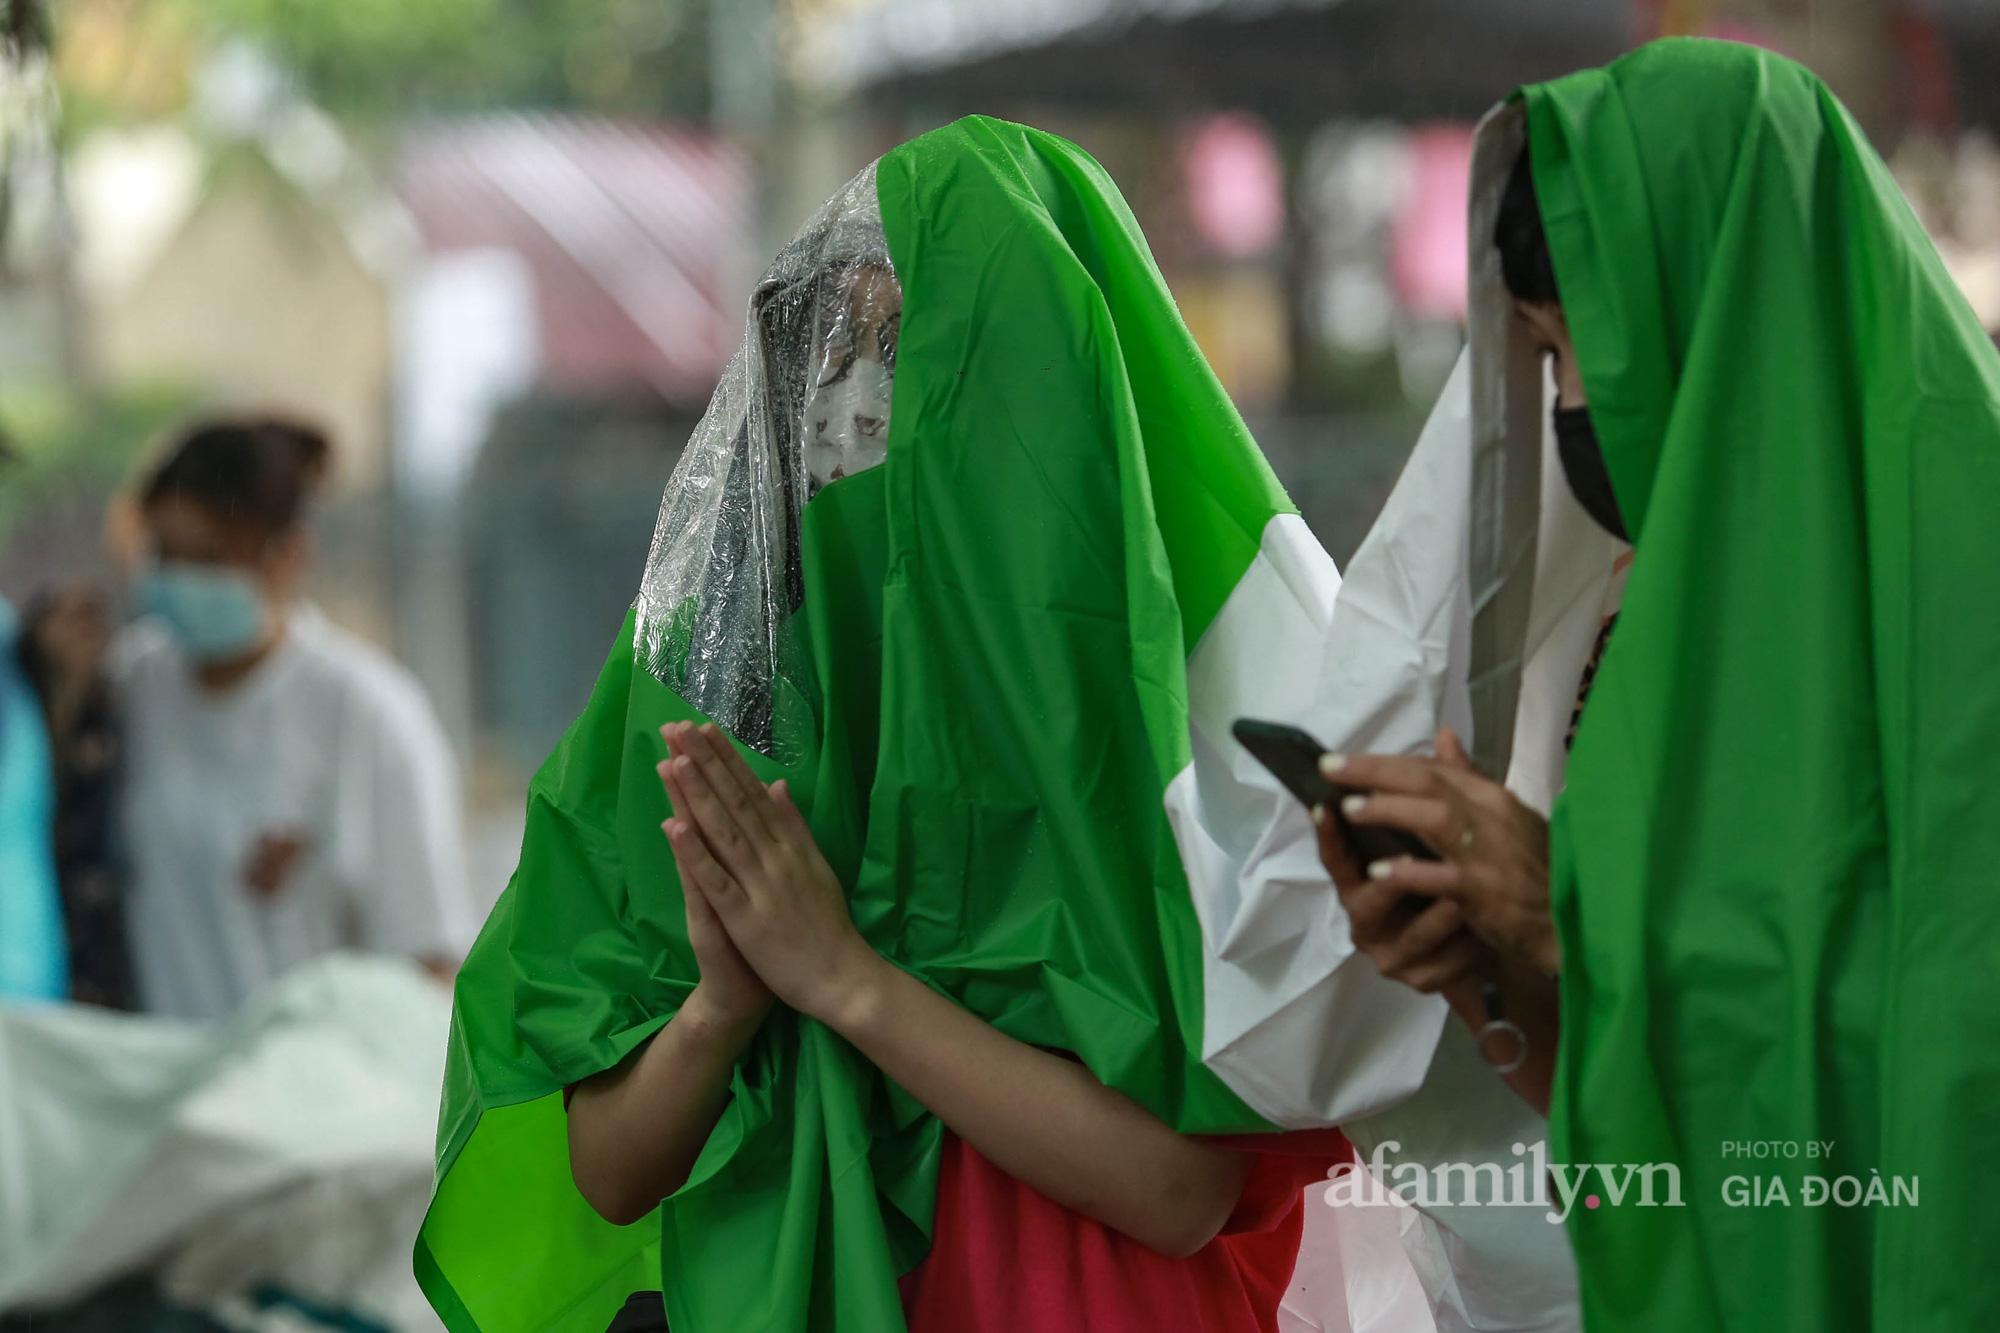 Phụ huynh, thí sinh ở Hà Nội đội mưa đi lễ cầu may trước ngày thi vào lớp 10 THPT - Ảnh 6.